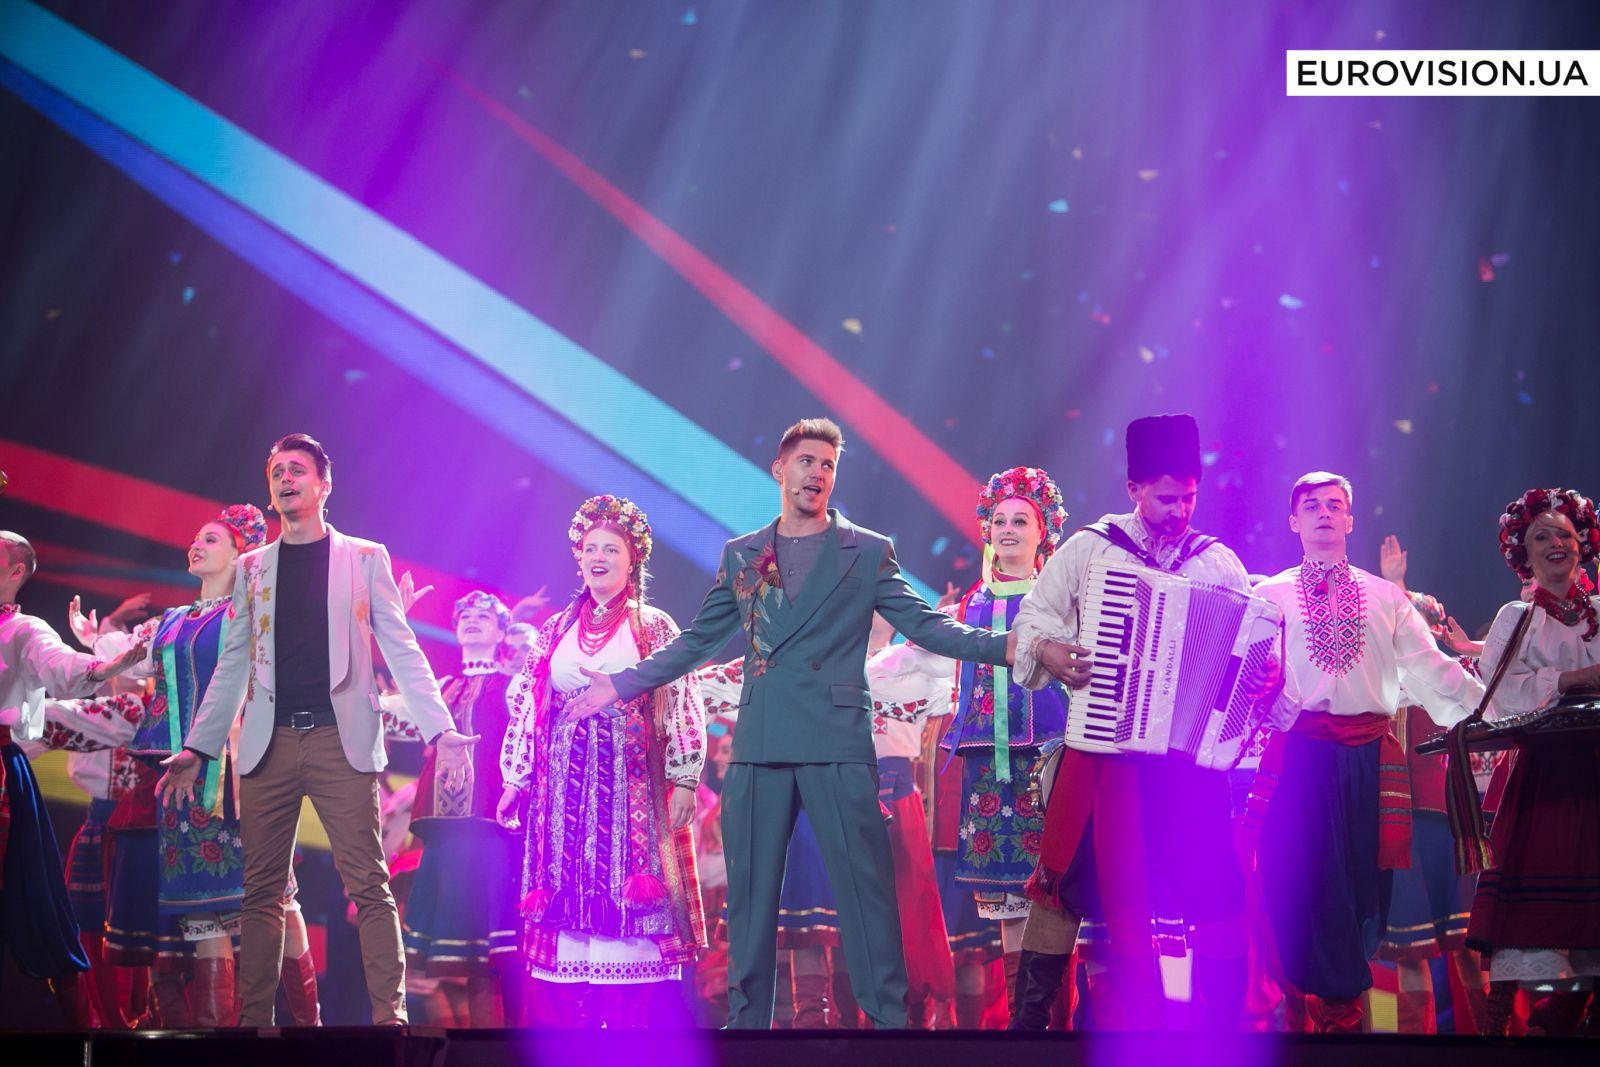 Александр Скичко иВладимир Остапчук феерично открыли 2-ой полуфинал интернационального песенного конкурса